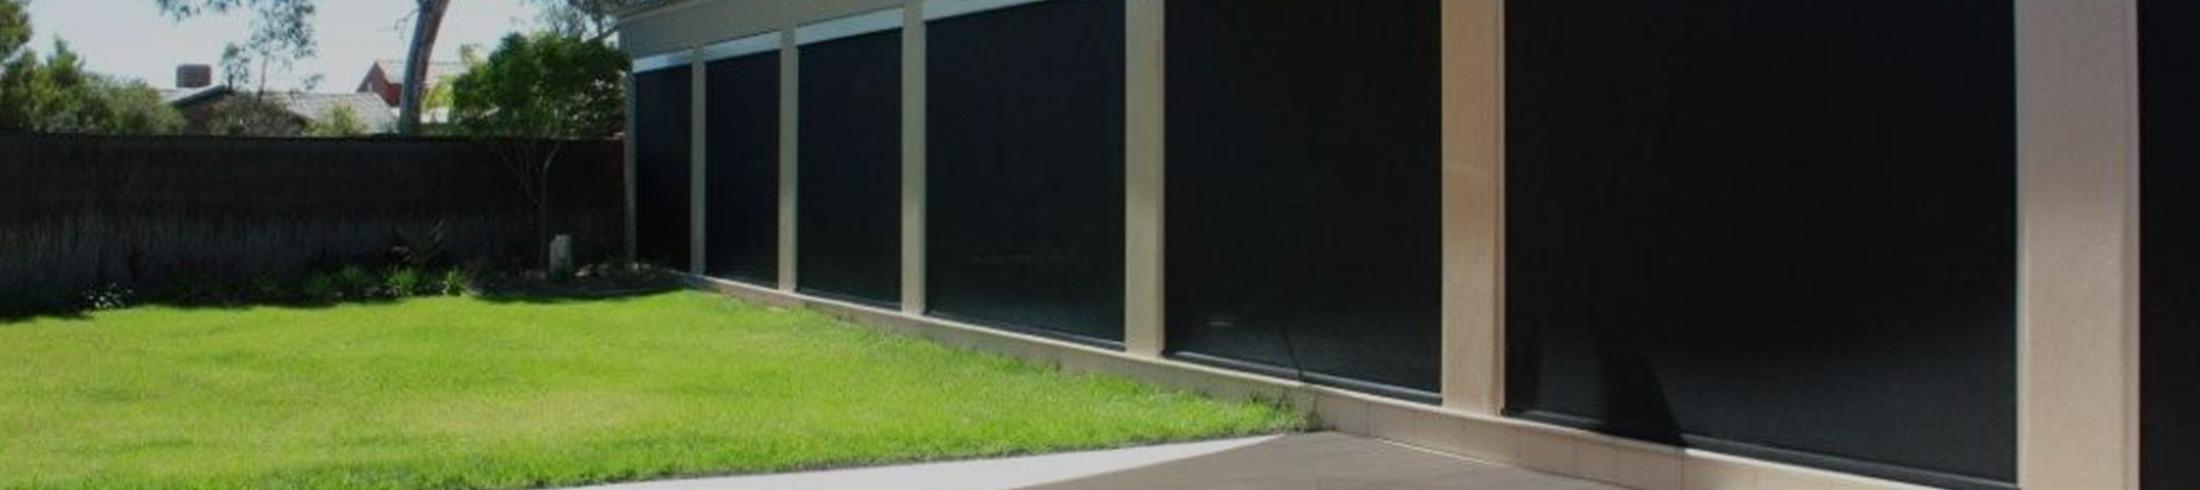 outdoor outdoor roller blinds 01